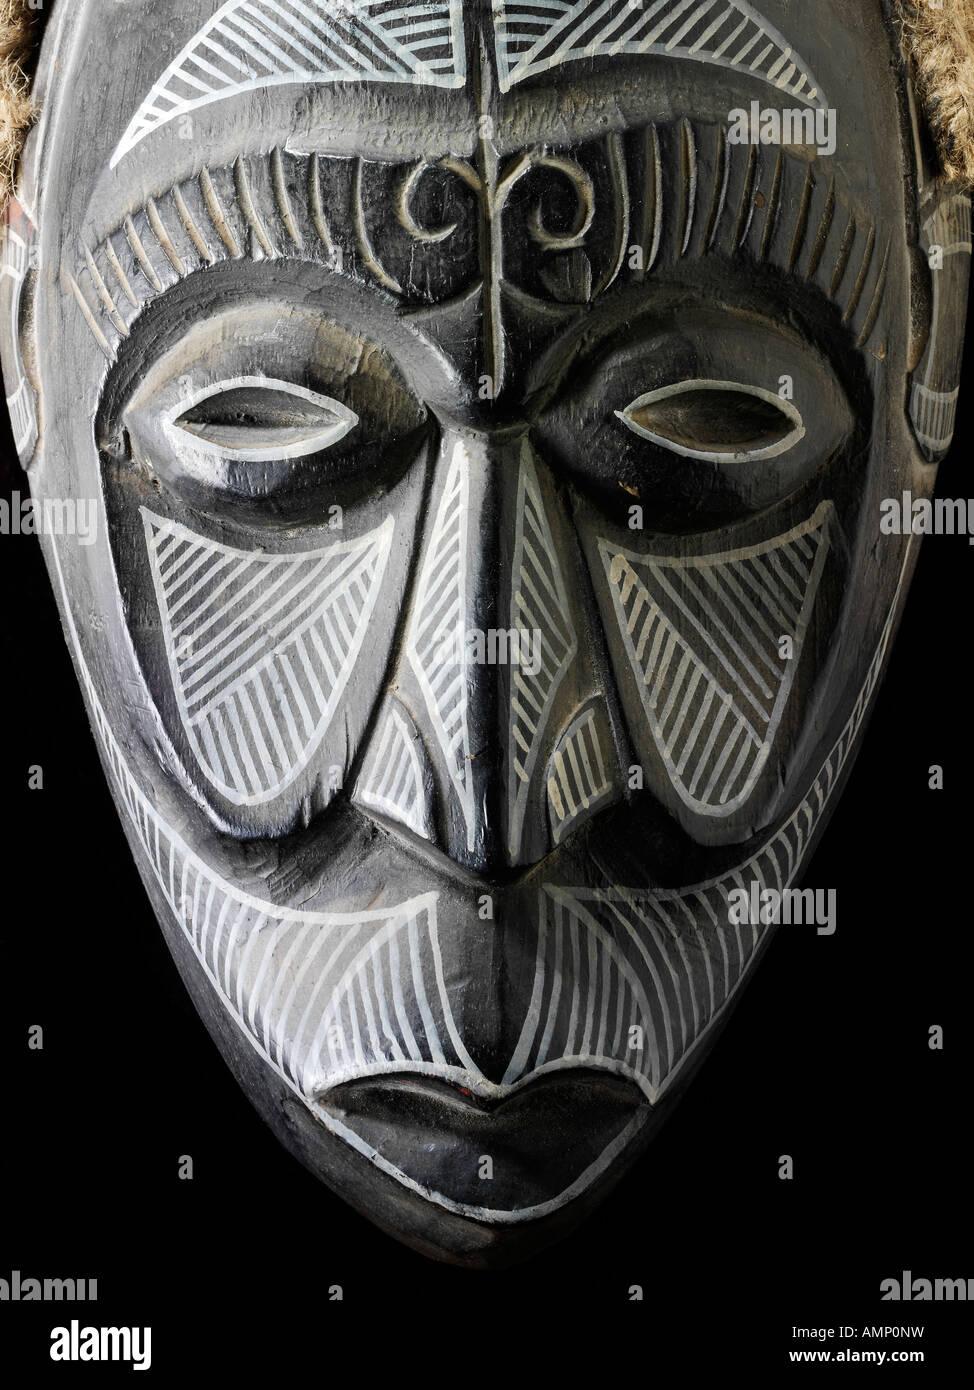 Máscara africana tradicional étnica. El arte y la artesanía. Imagen De Stock